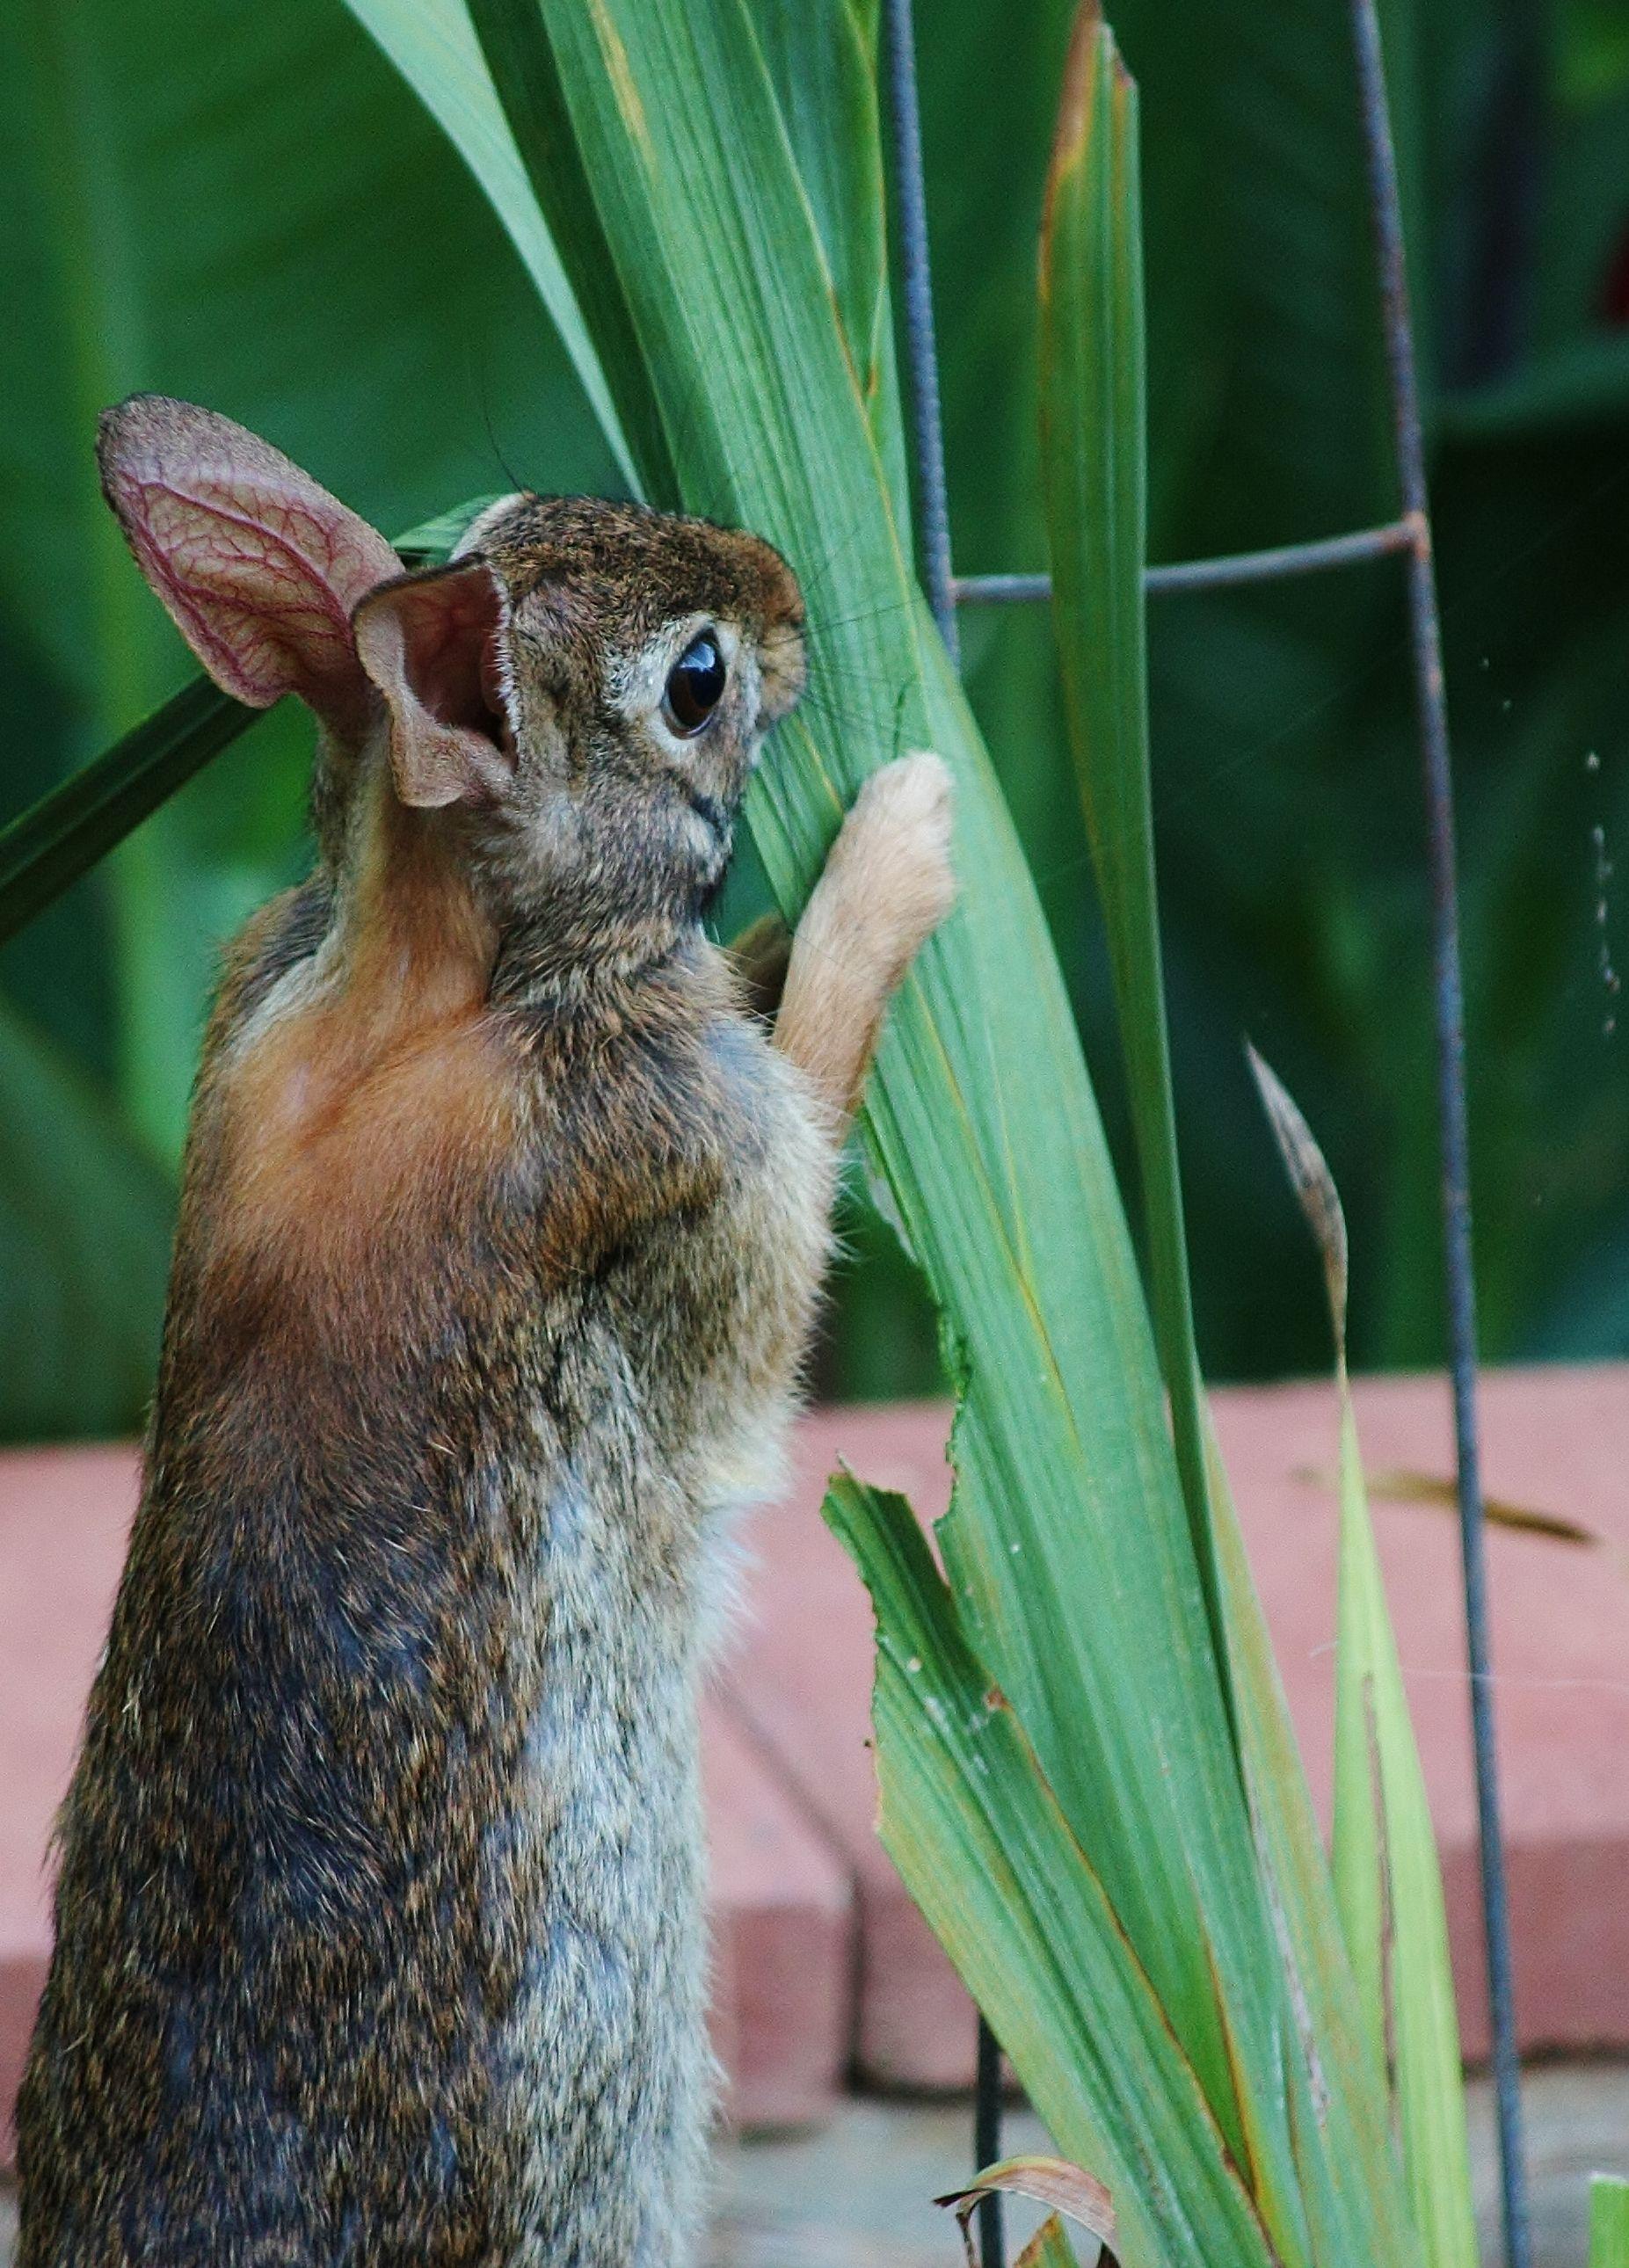 Rabbits enjoy gladiola leaves